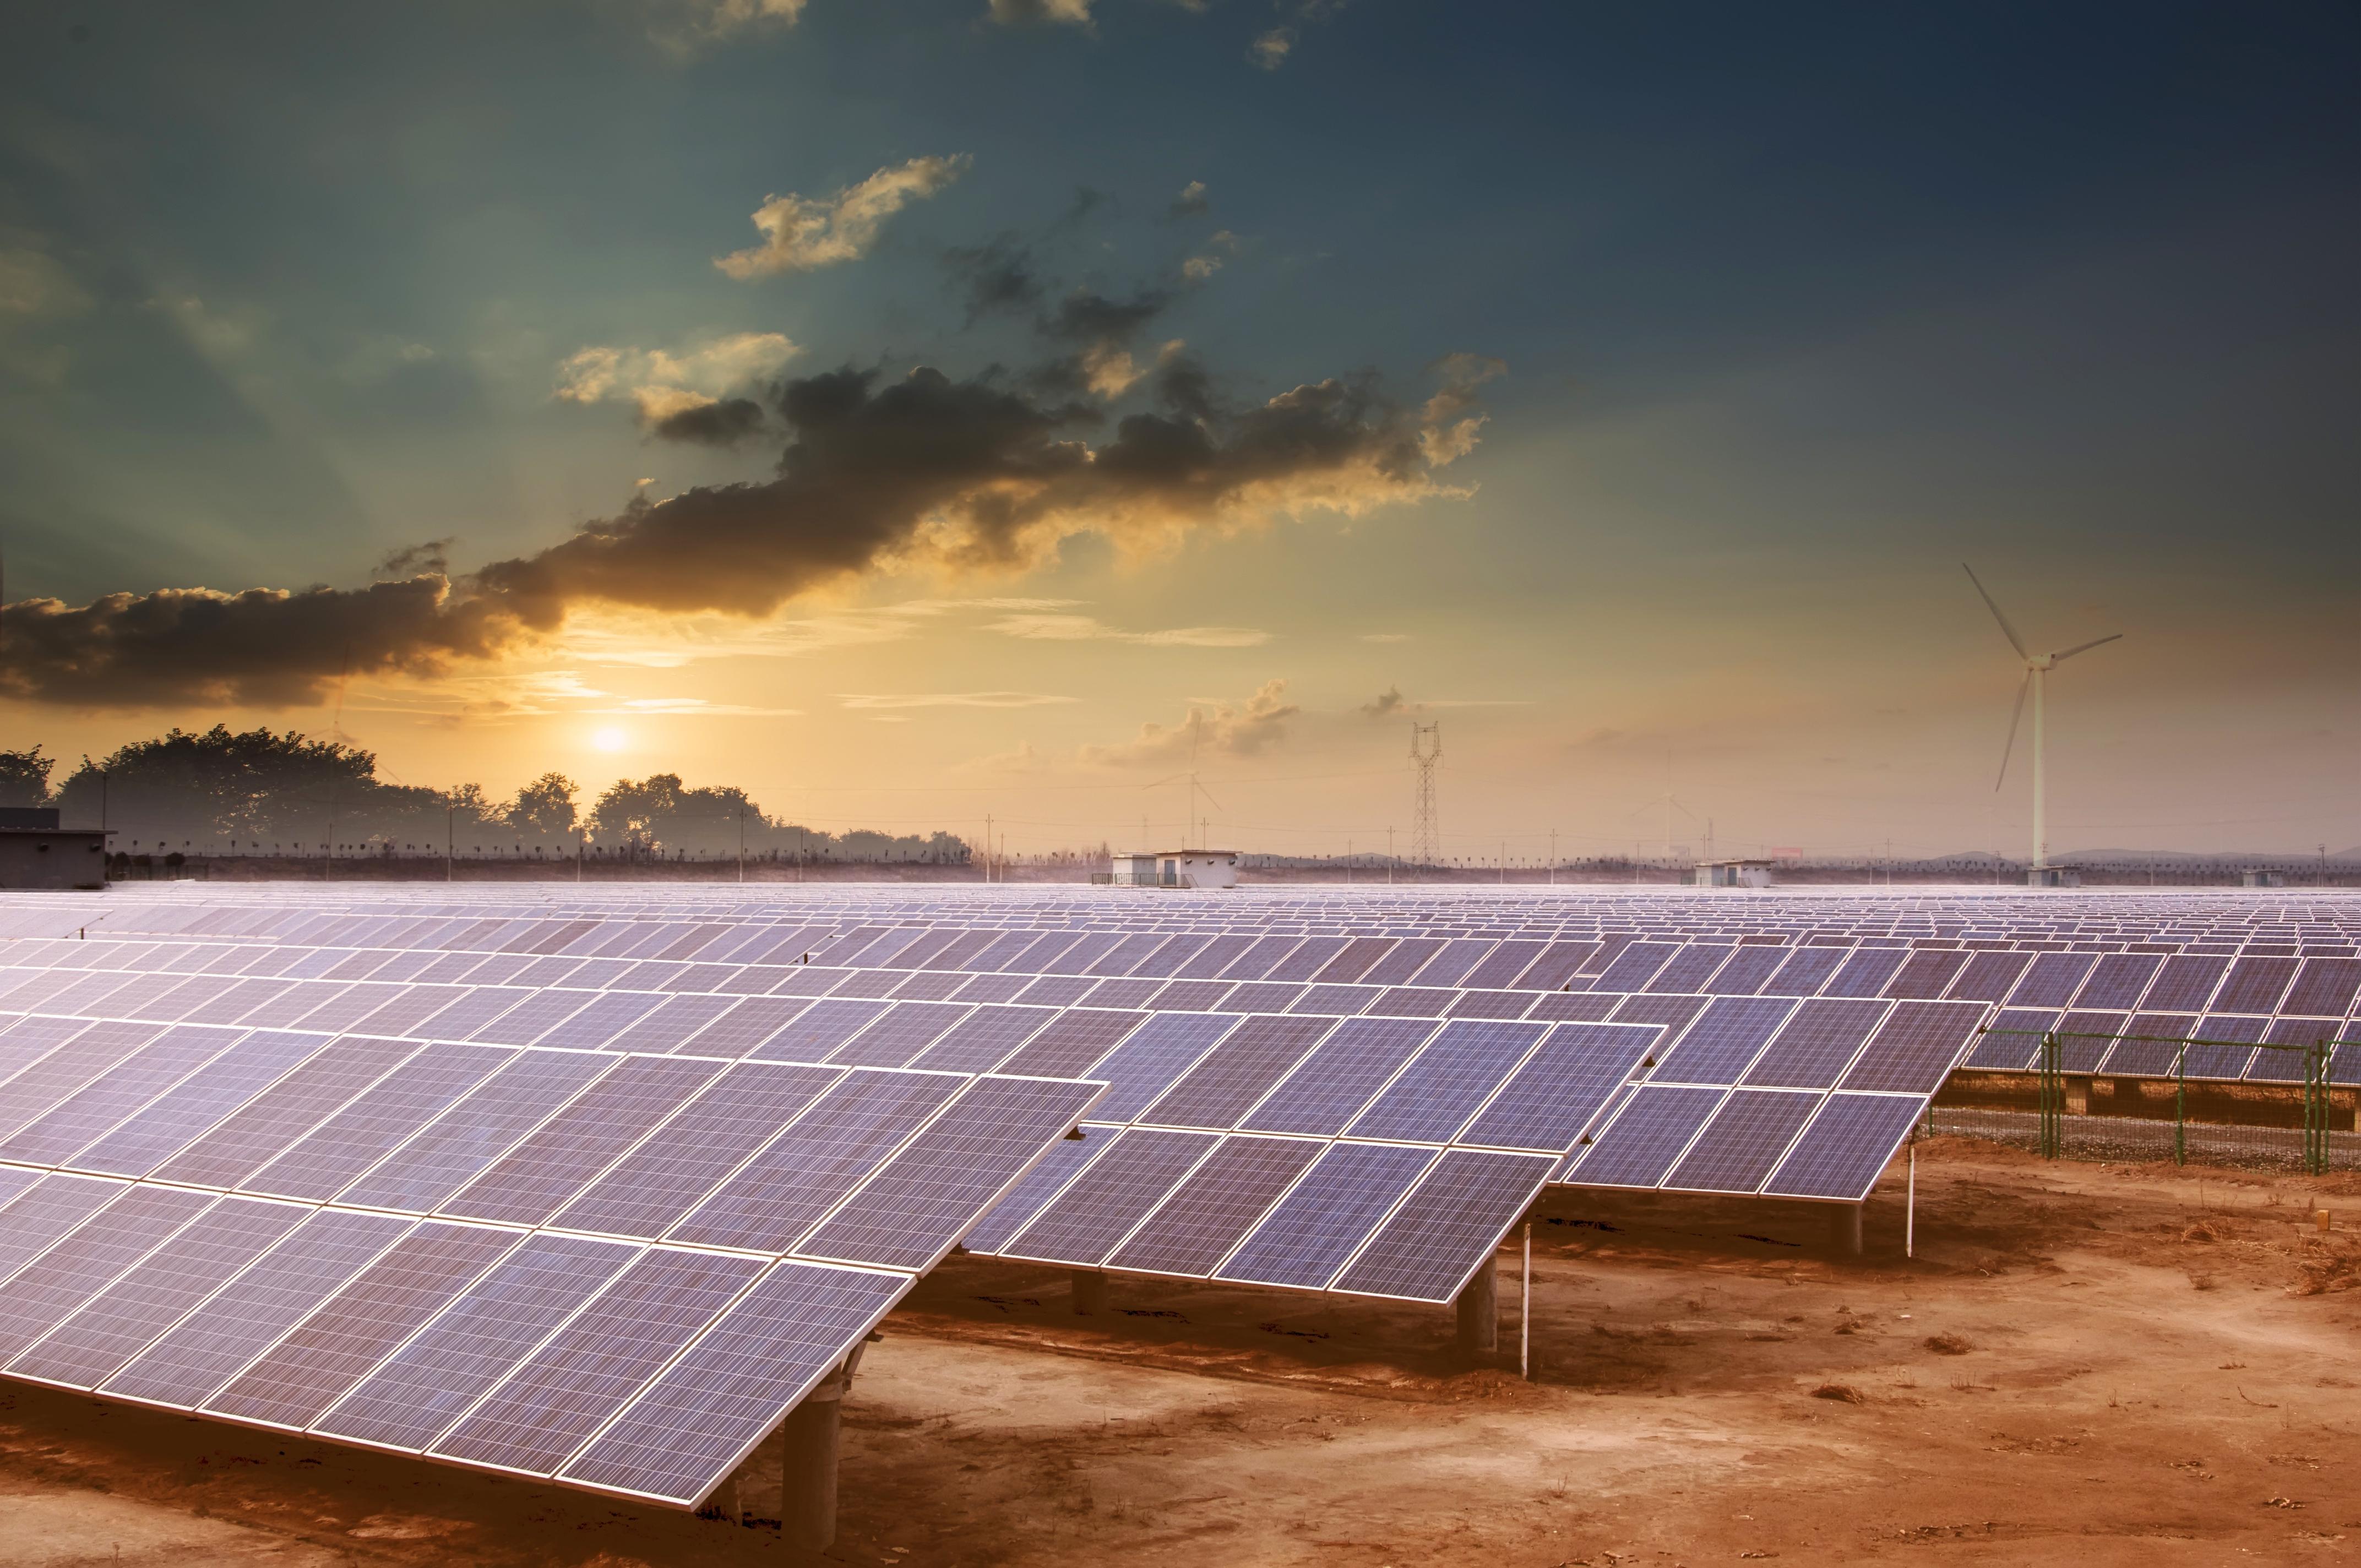 Solar farm at dusk.